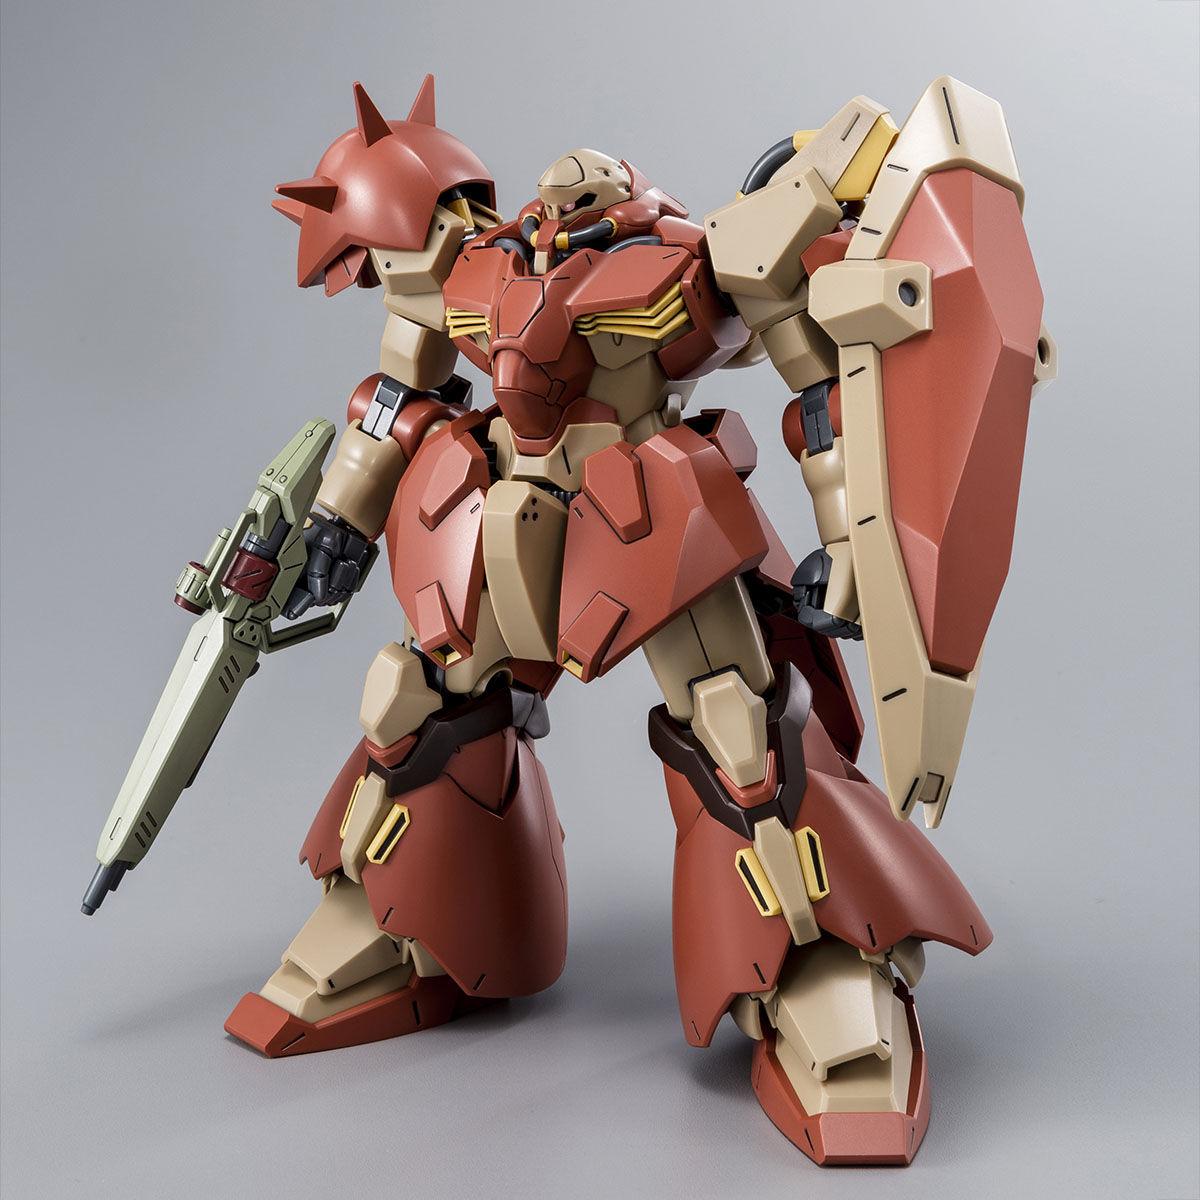 【限定販売】HG 1/144『メッサーF02型』機動戦士ガンダム 閃光のハサウェイ プラモデル-002